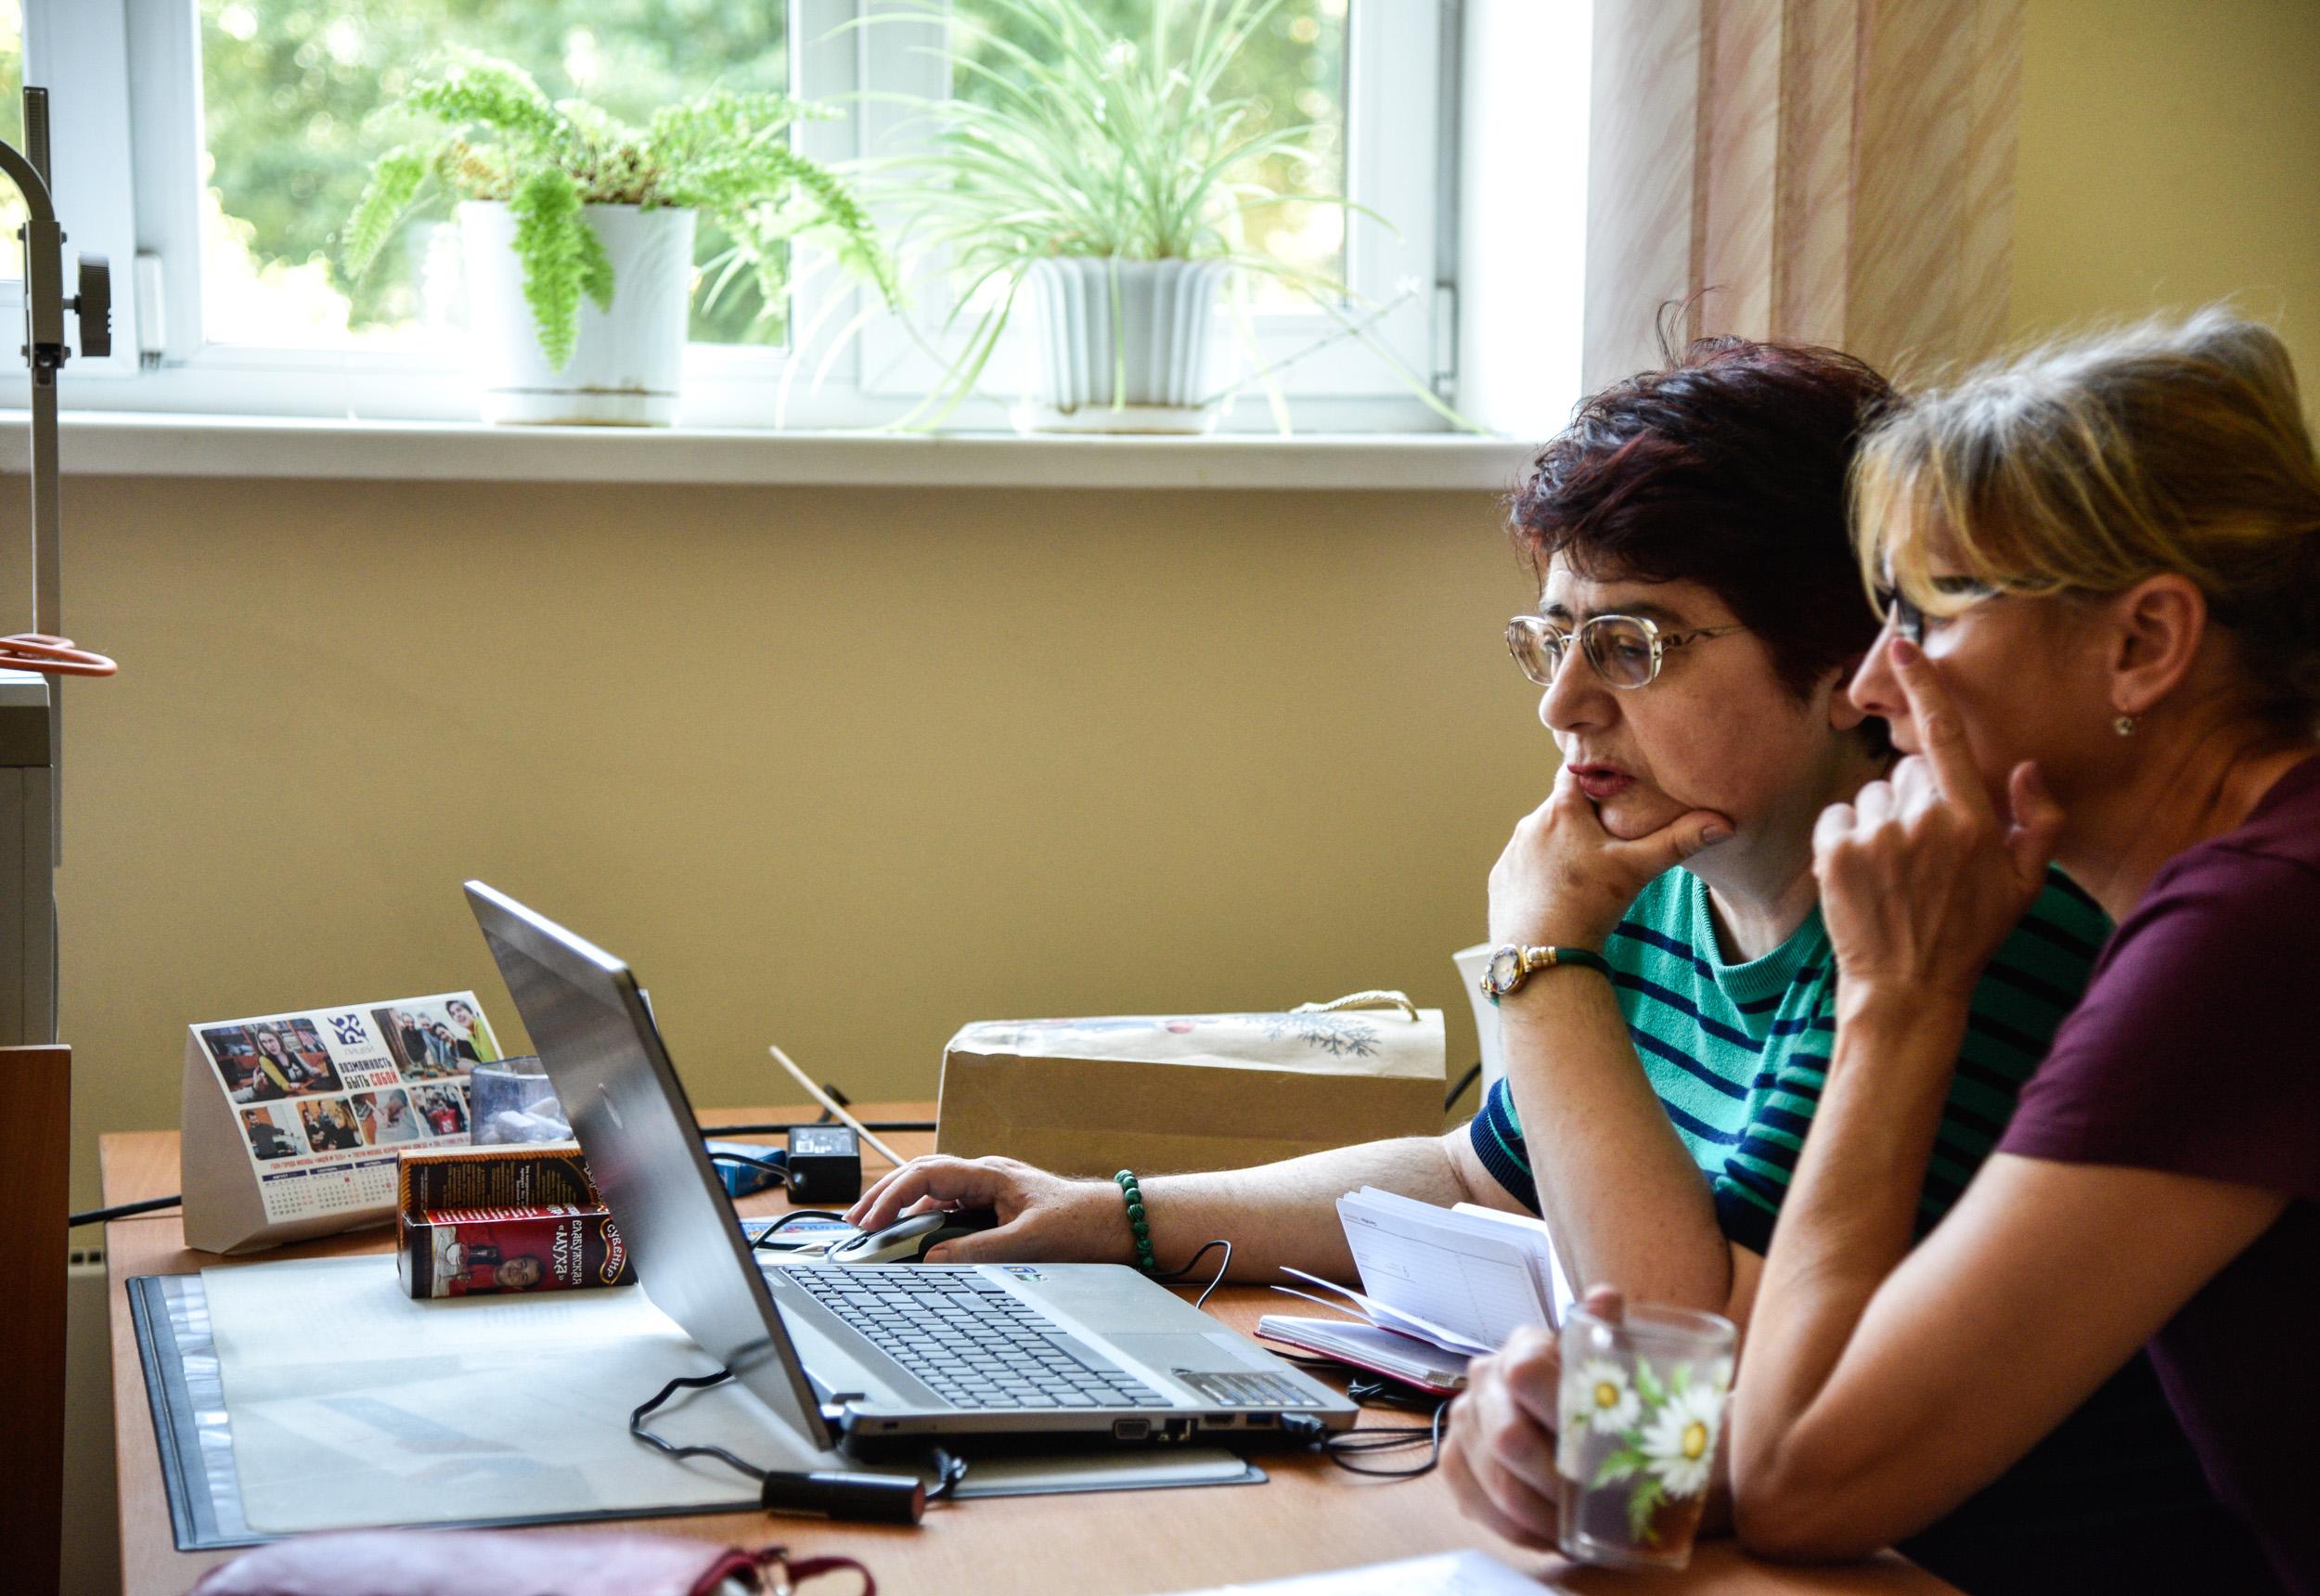 Специалисты обсуждают необходимость тестирования для детей. Фото: Ирина Хлебникова